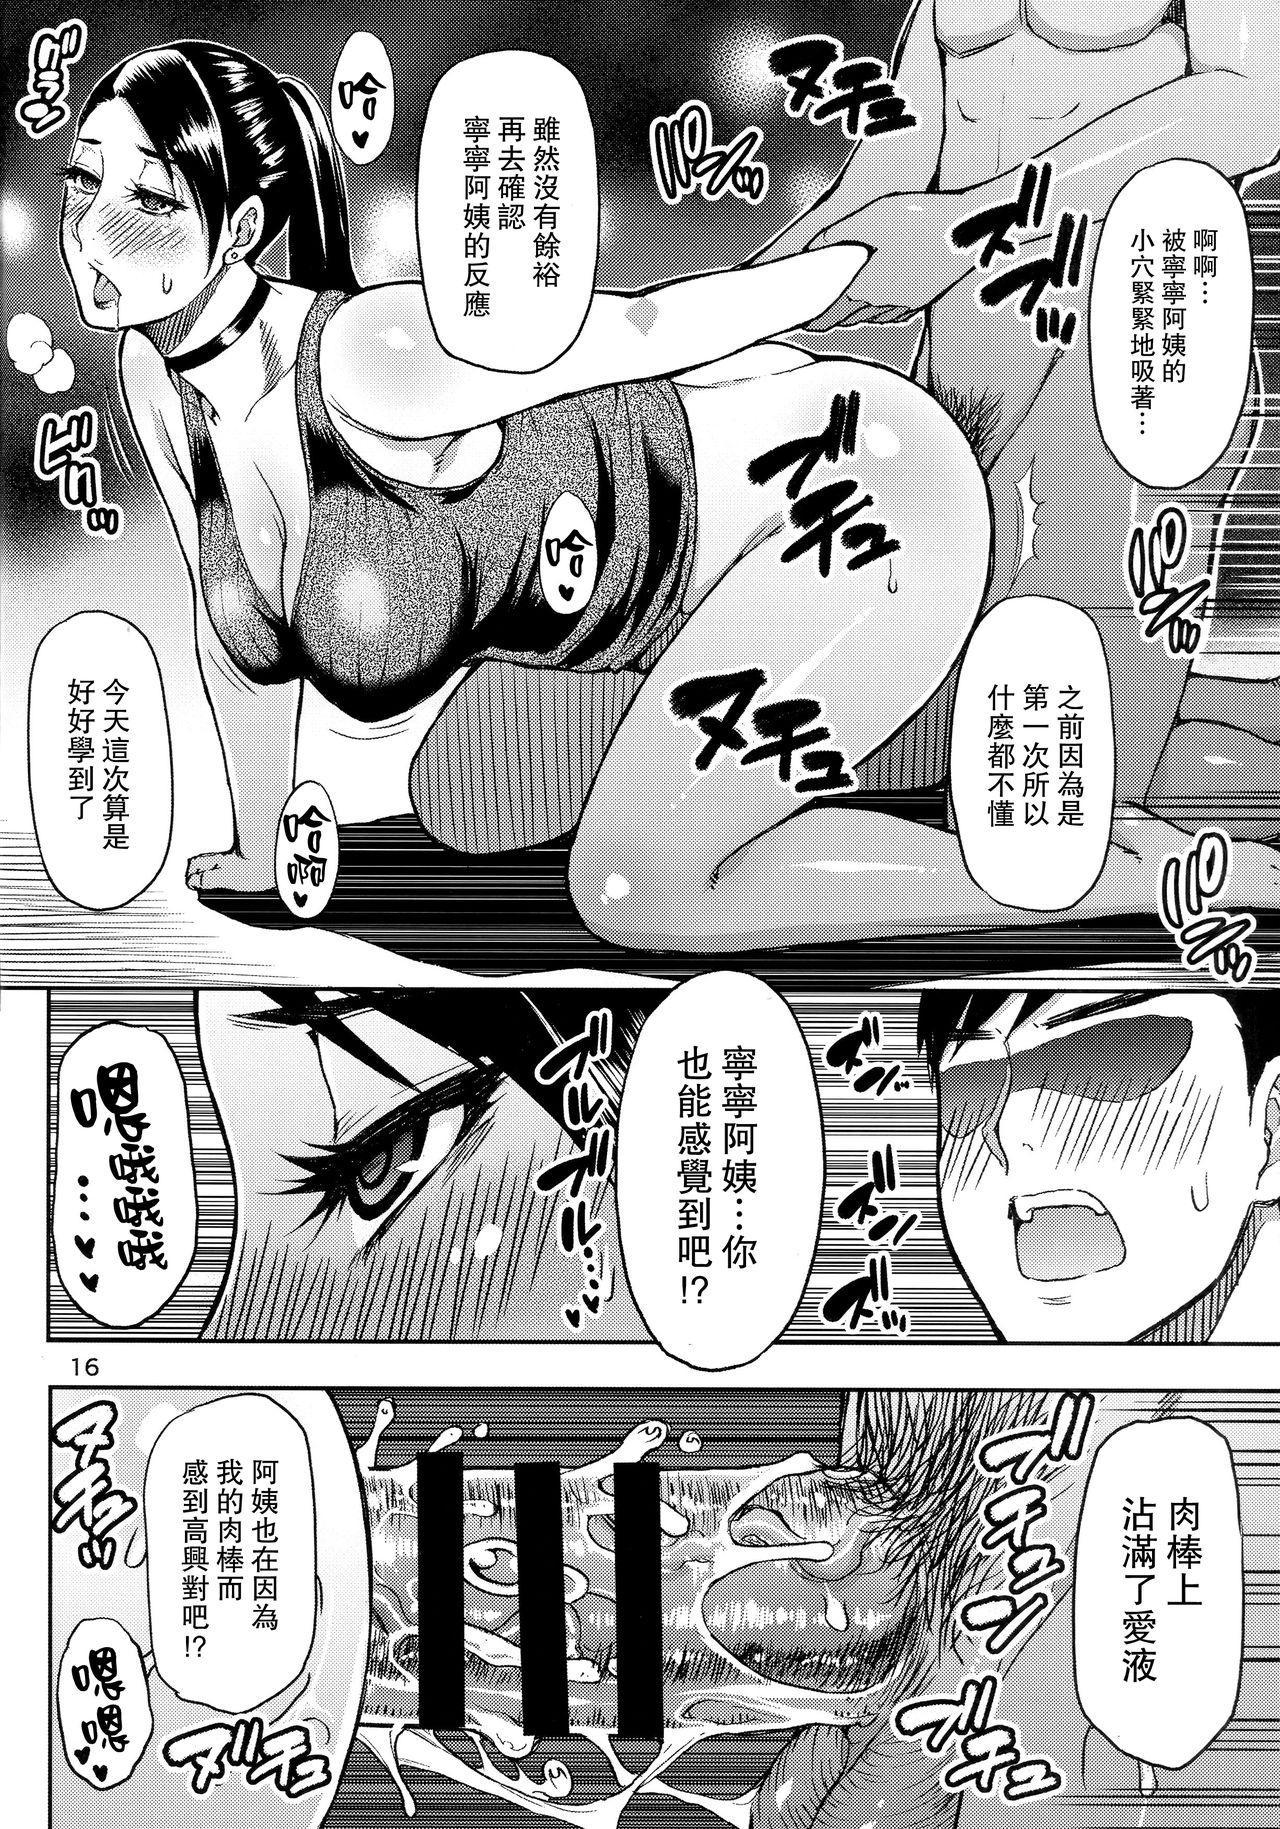 Motoyan Hitozuma Jukujo no Oba-san ni Seishori o Onegai shita. 14